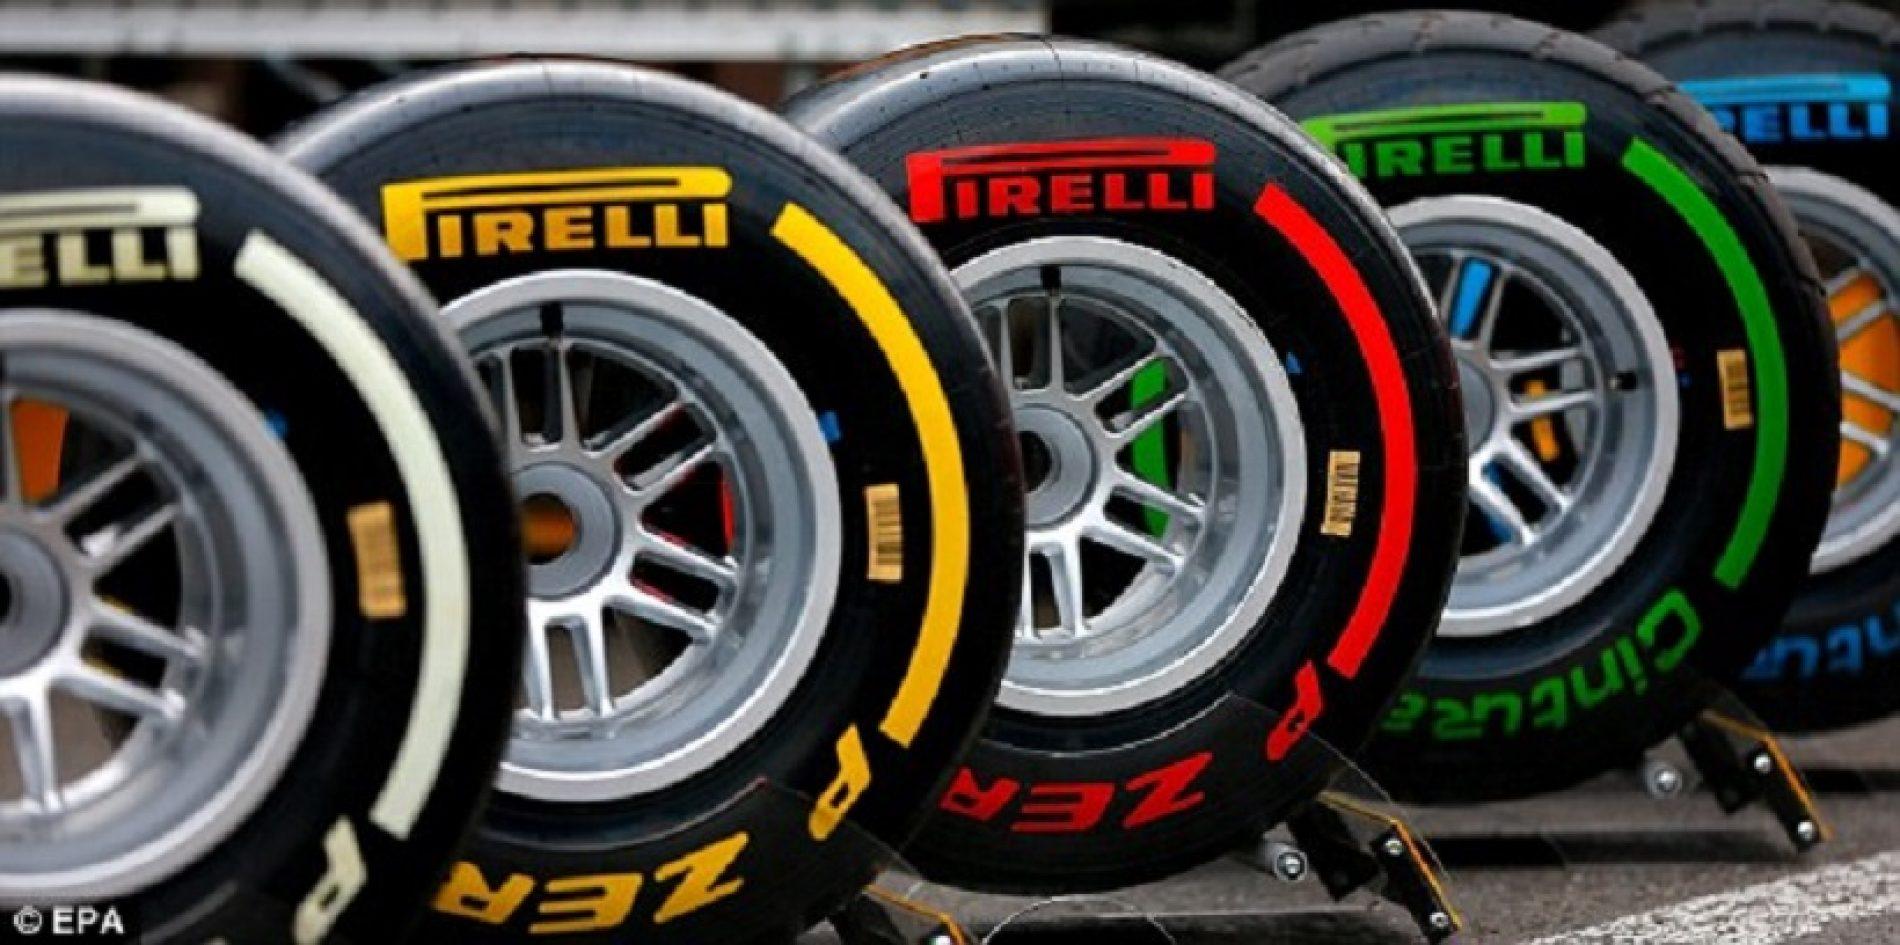 Pirelli izlazi na Milansku berzu